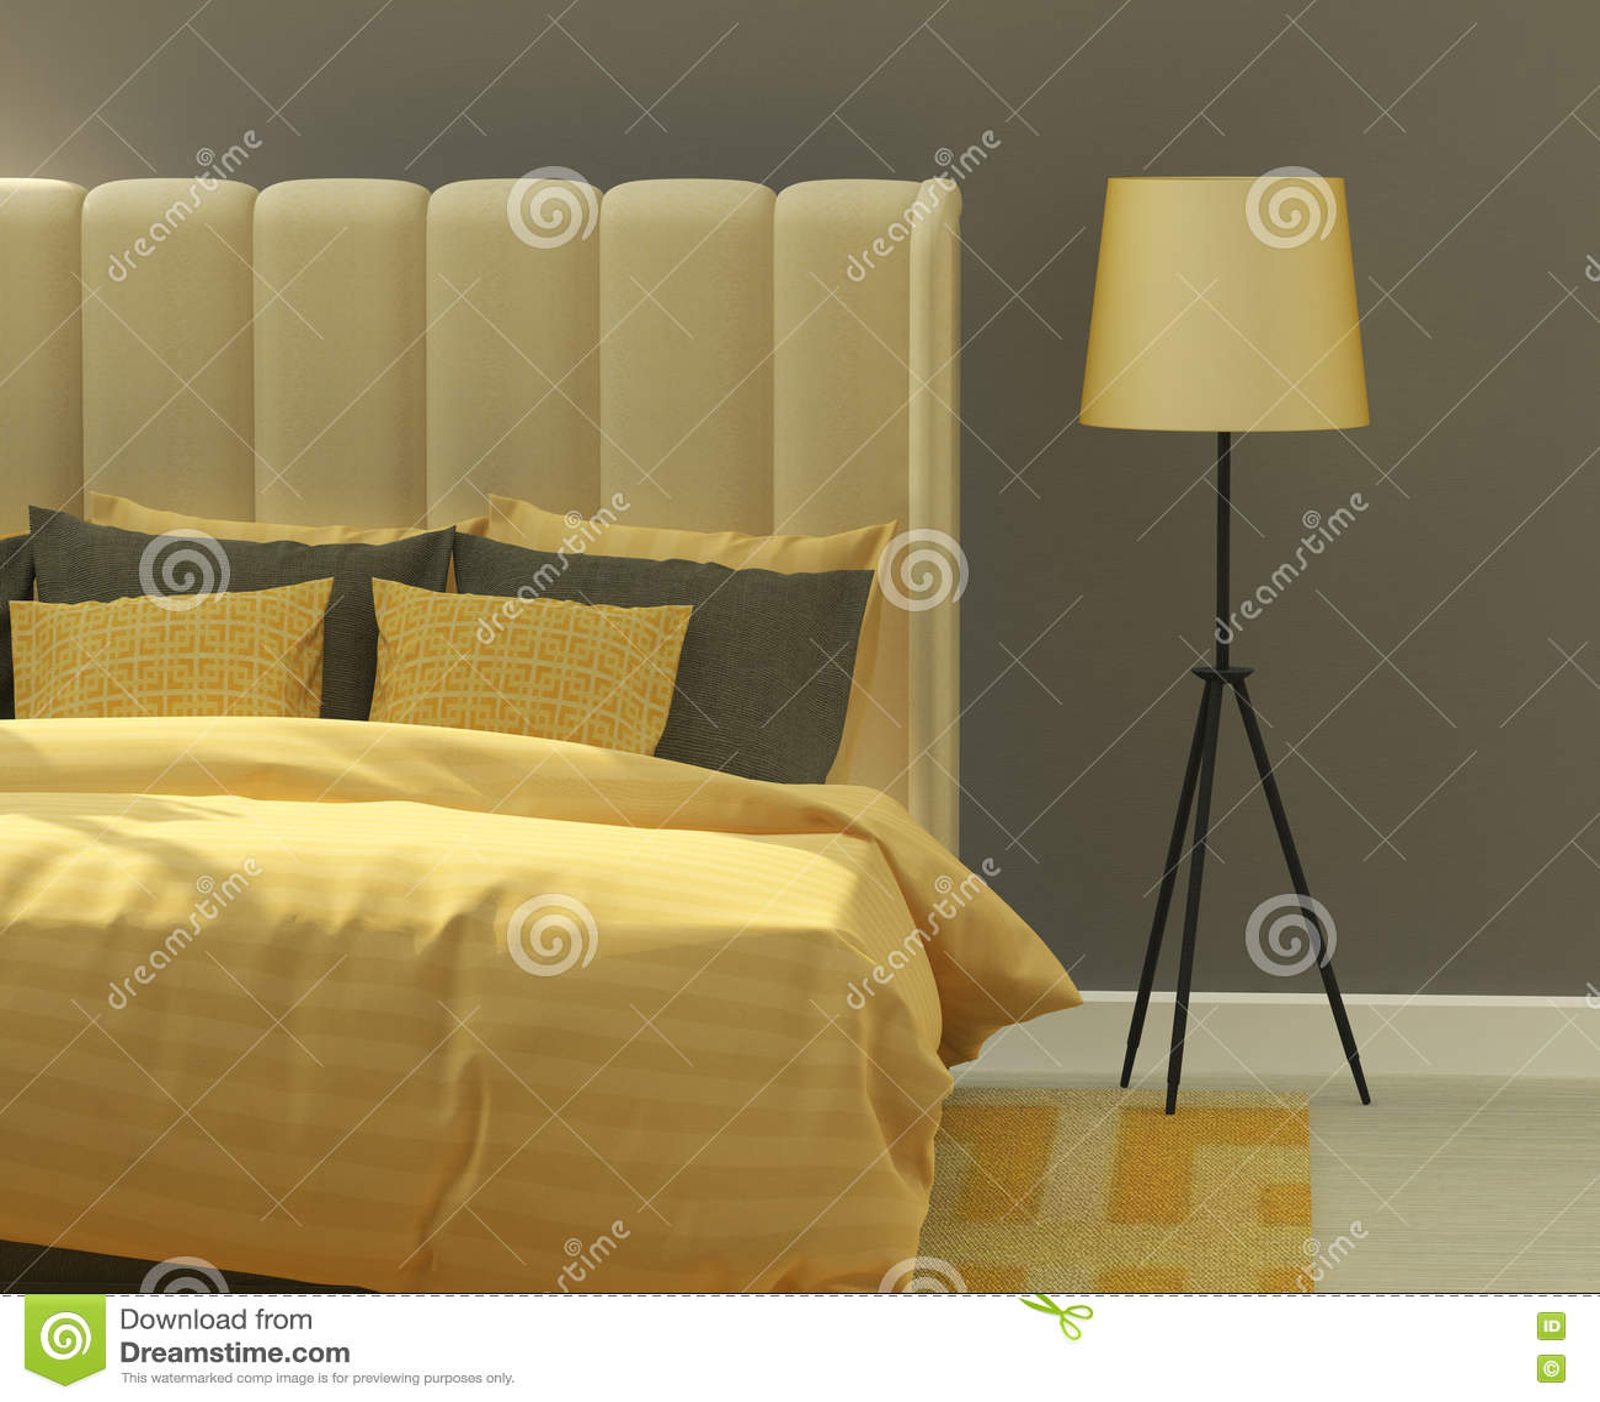 How Will Gelbes Und Graues Schlafzimmer Be In The Future Gelbes Und Graues Schlafzimmer: Gelbes Und Graues Schlafzimmer Stockbild